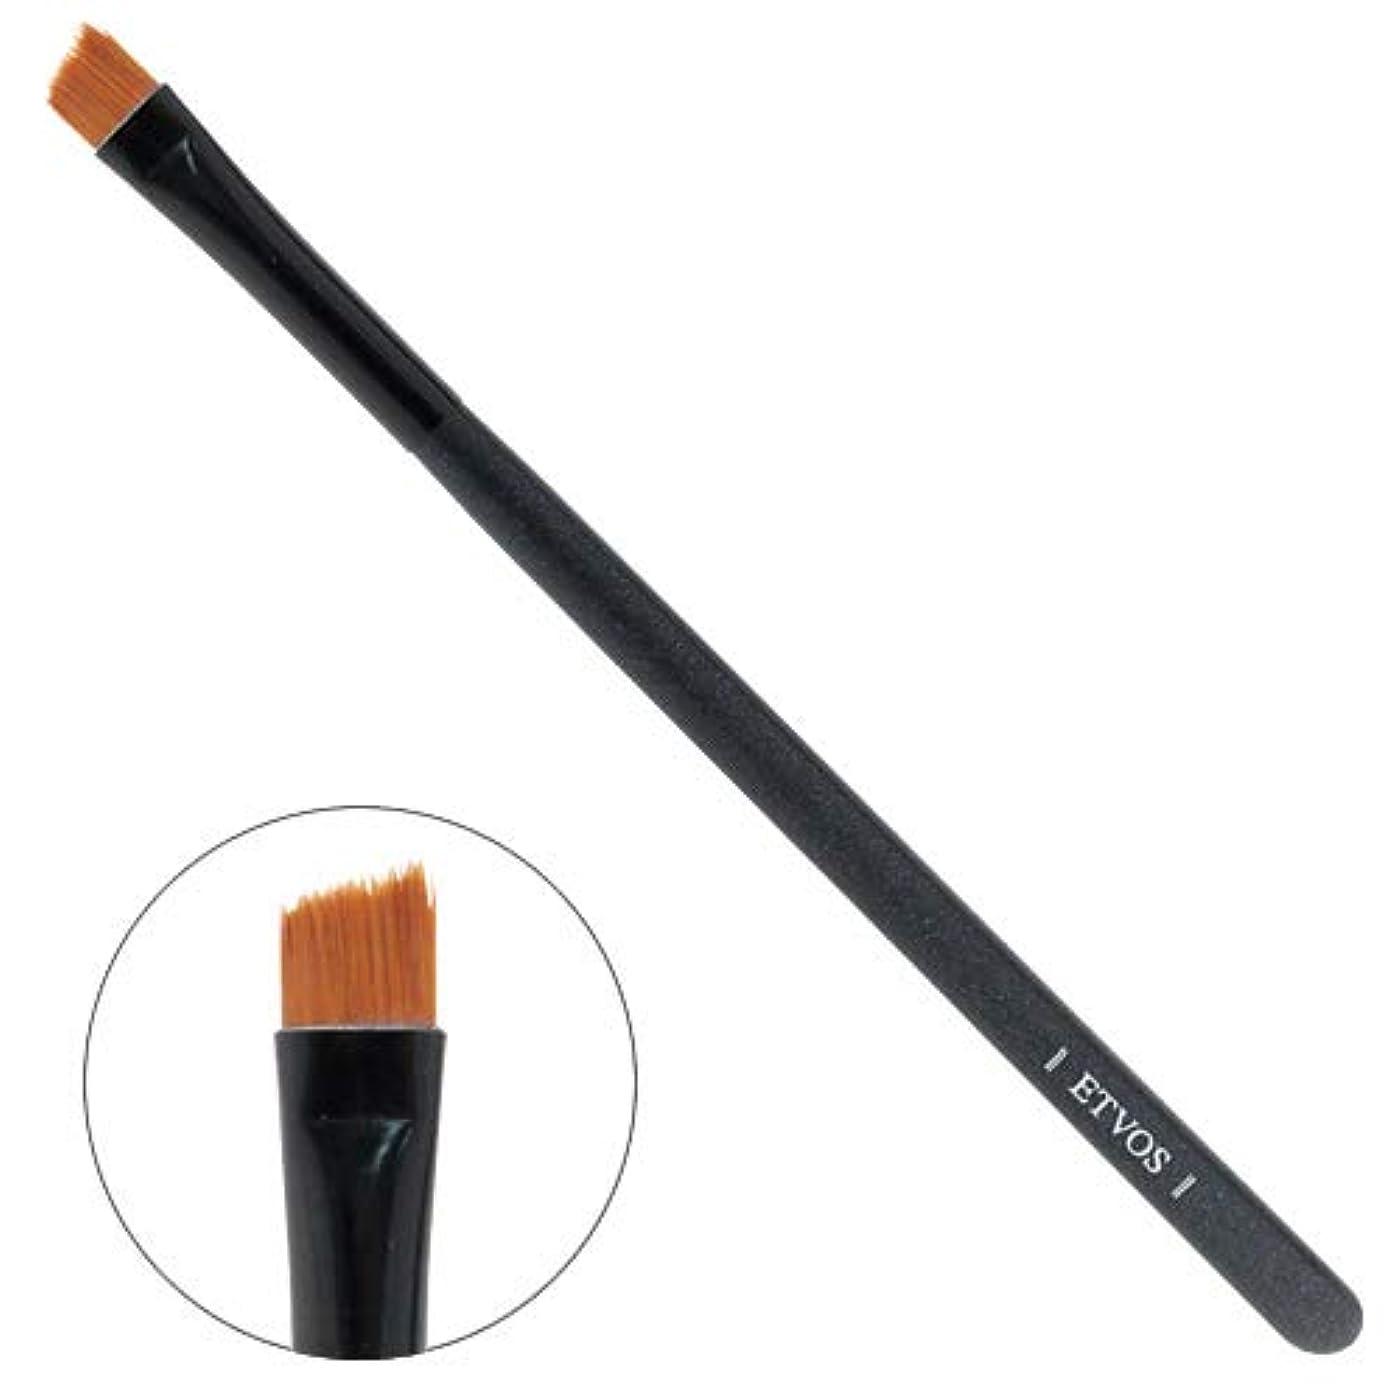 素敵なを必要としていますレスリングETVOS(エトヴォス) アイライナーブラシ 毛先を斜めカット/目のキワまでアイラインが引ける化粧筆 12.5cm